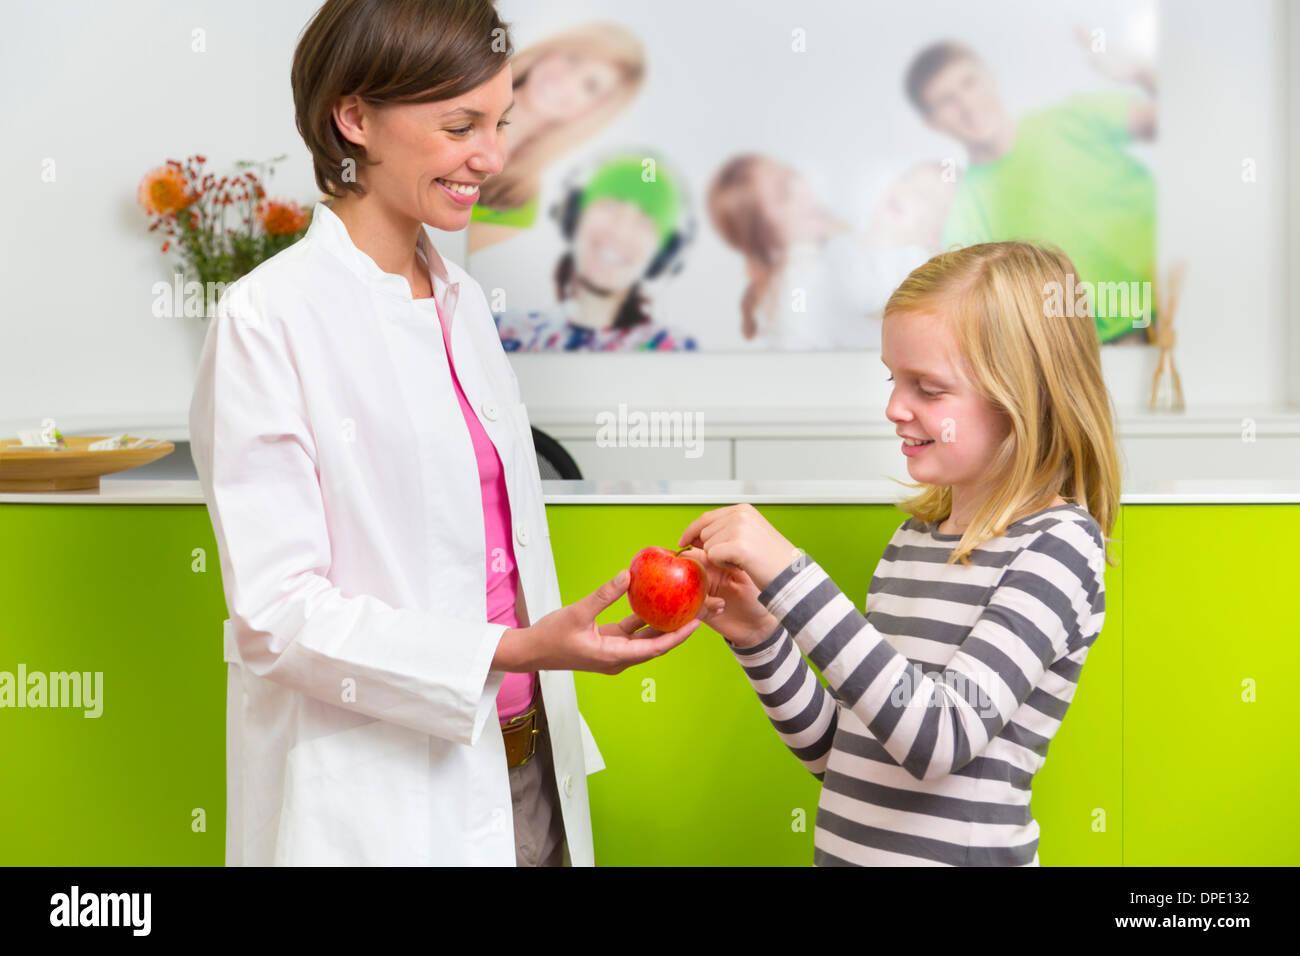 Dentista dando chica apple en recepción dental Imagen De Stock